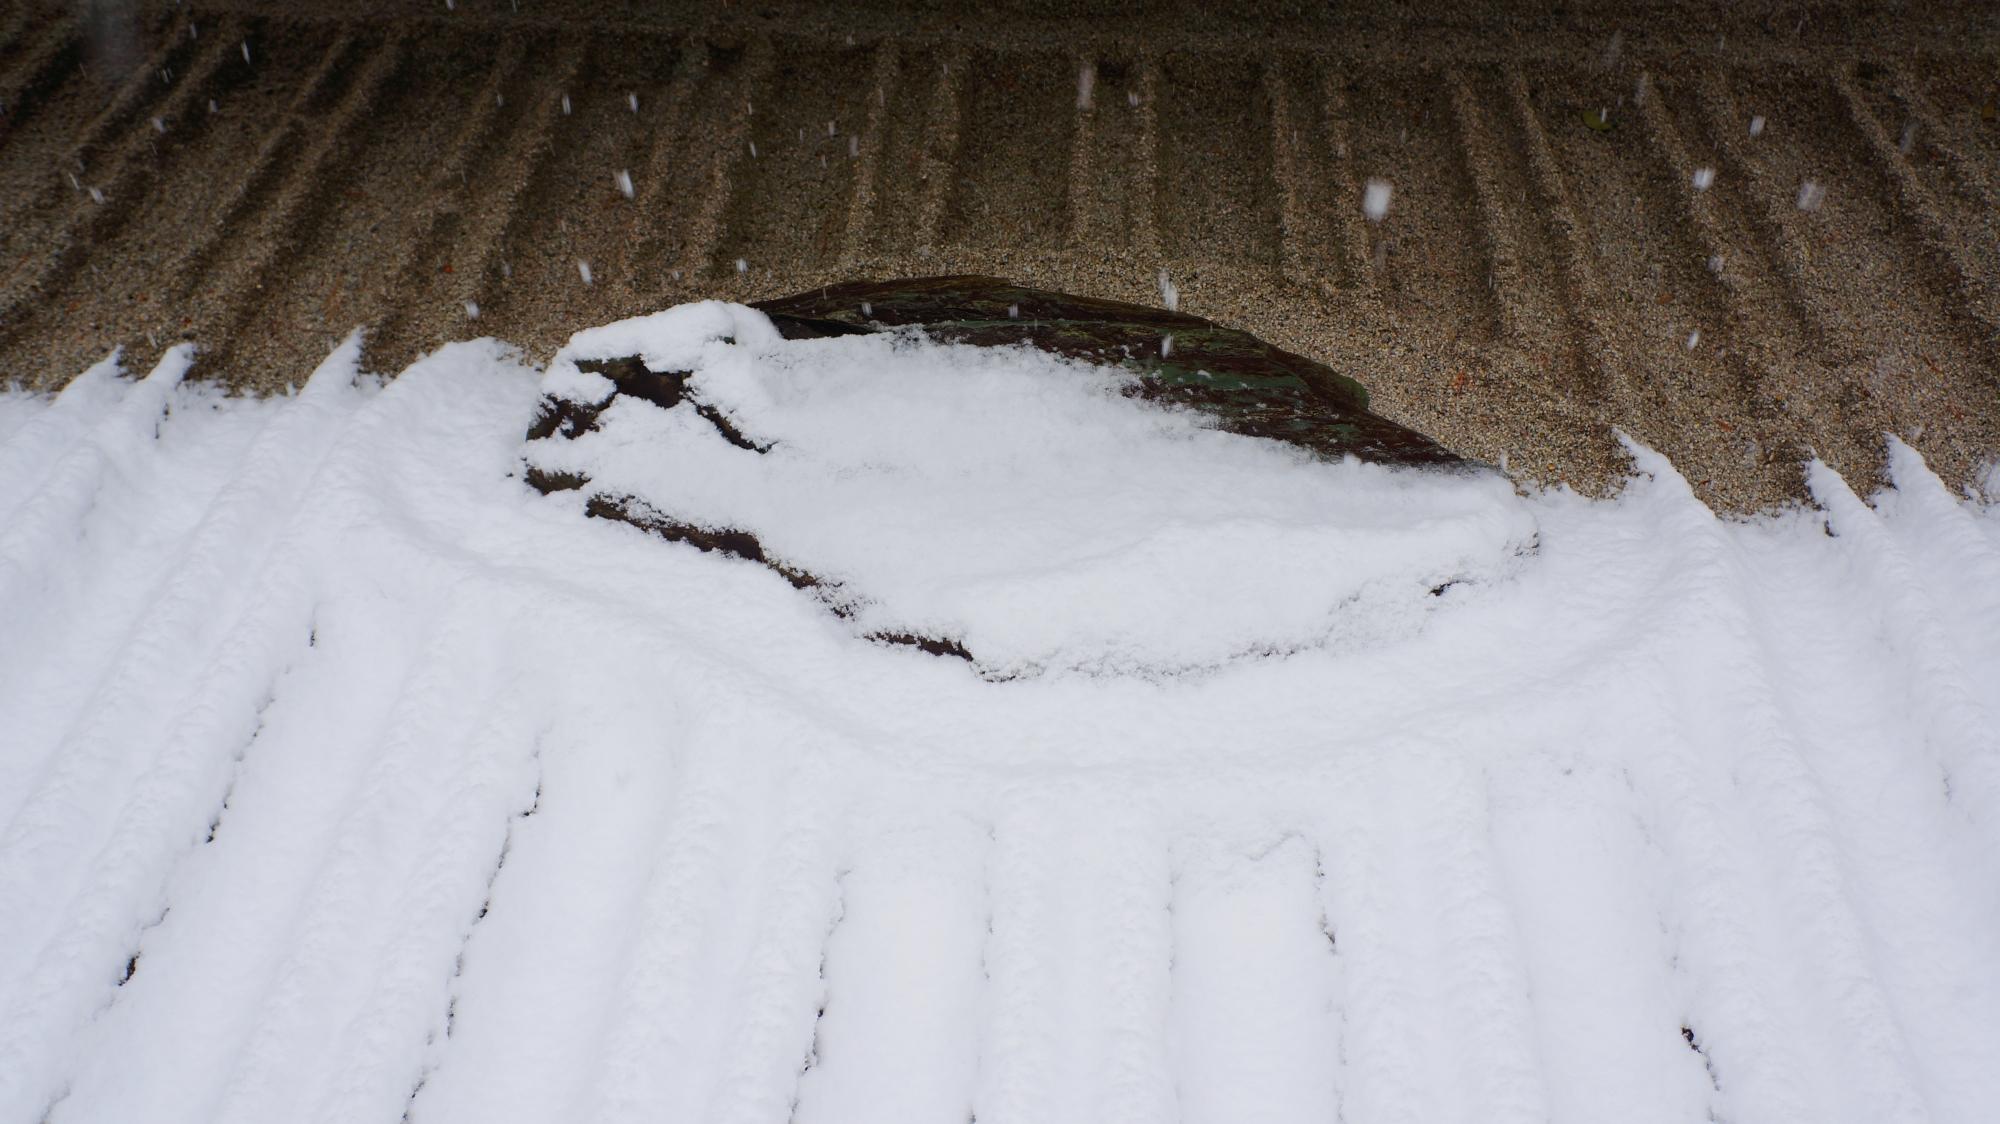 雪の積もっている部分と積もっていない部分の分かれ目